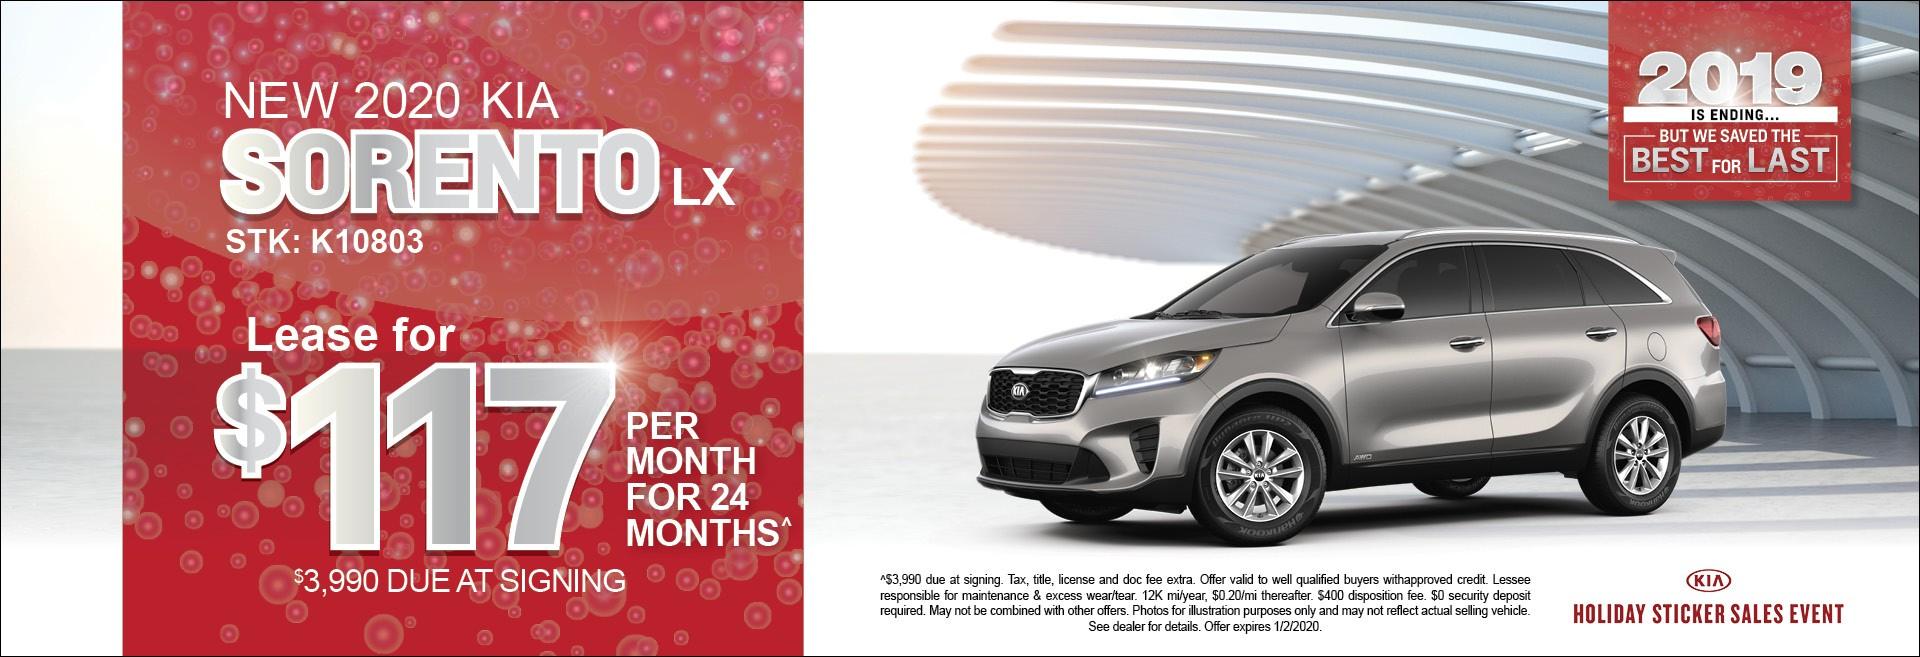 New 2020 Kia Sorento LX  lease for $117/mo for 24mos